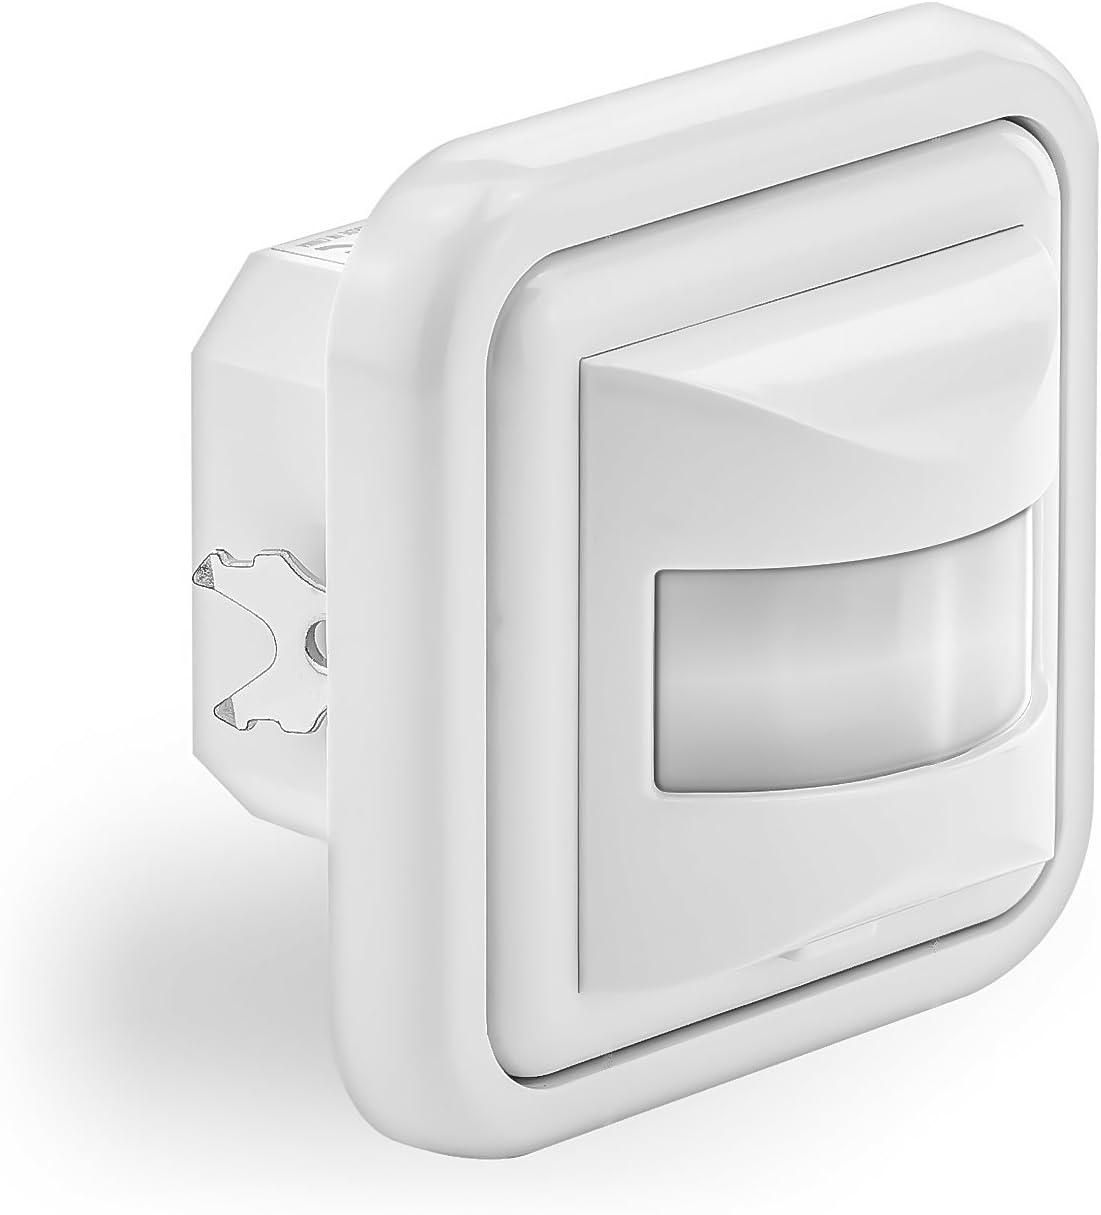 deleyCON 2X Infrarouge D/étecteur de Mouvement Encastr/é Montage Mural Int/érieur Contr/ôle des Feux 160/° Zone de Travail Port/ée de 9m Capteur de Lumi/ère Int/égr/é Blanc